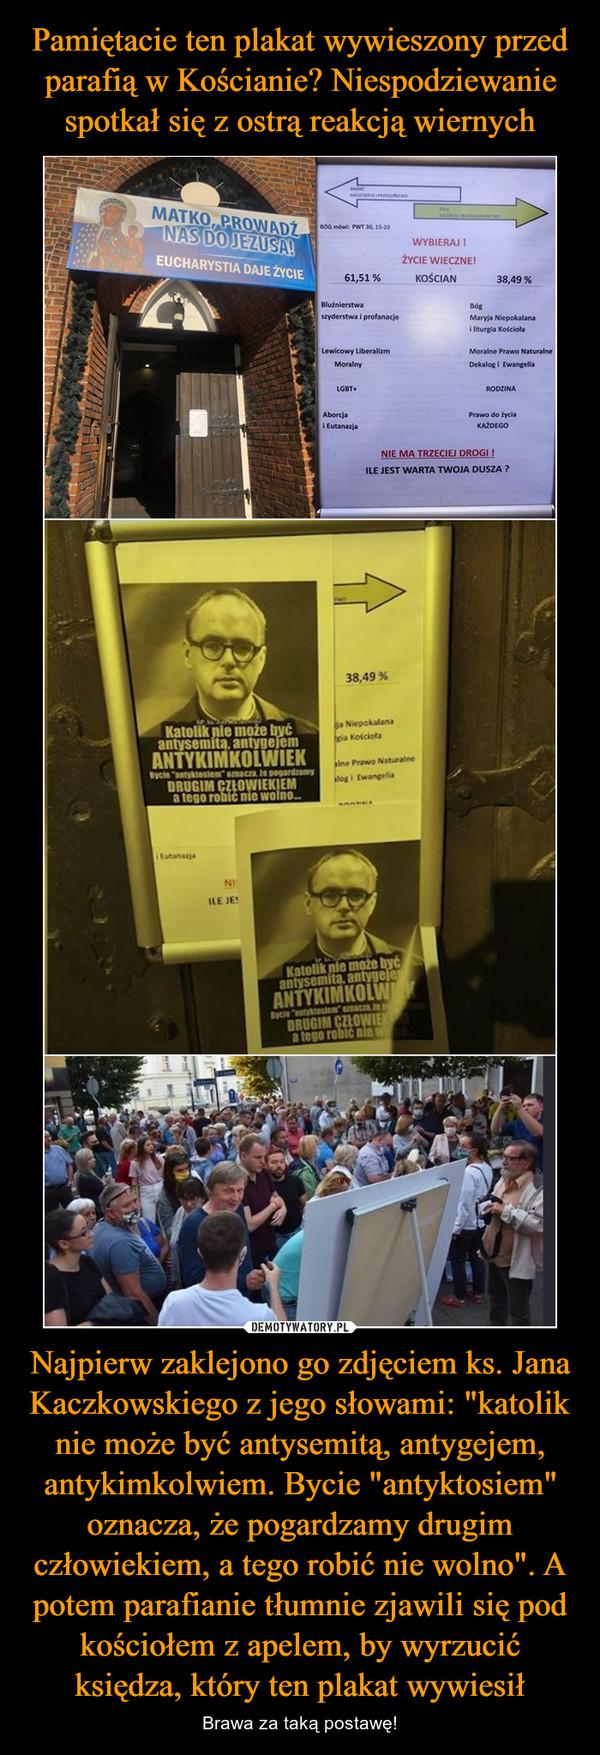 """Najpierw zaklejono go zdjęciem ks. Jana Kaczkowskiego z jego słowami: """"katolik nie może być antysemitą, antygejem, antykimkolwiem. Bycie """"antyktosiem"""" oznacza, że pogardzamy drugim człowiekiem, a tego robić nie wolno"""". A potem parafianie tłumnie zjawili się pod kościołem z apelem, by wyrzucić księdza, który ten plakat wywiesił – Brawa za taką postawę!"""